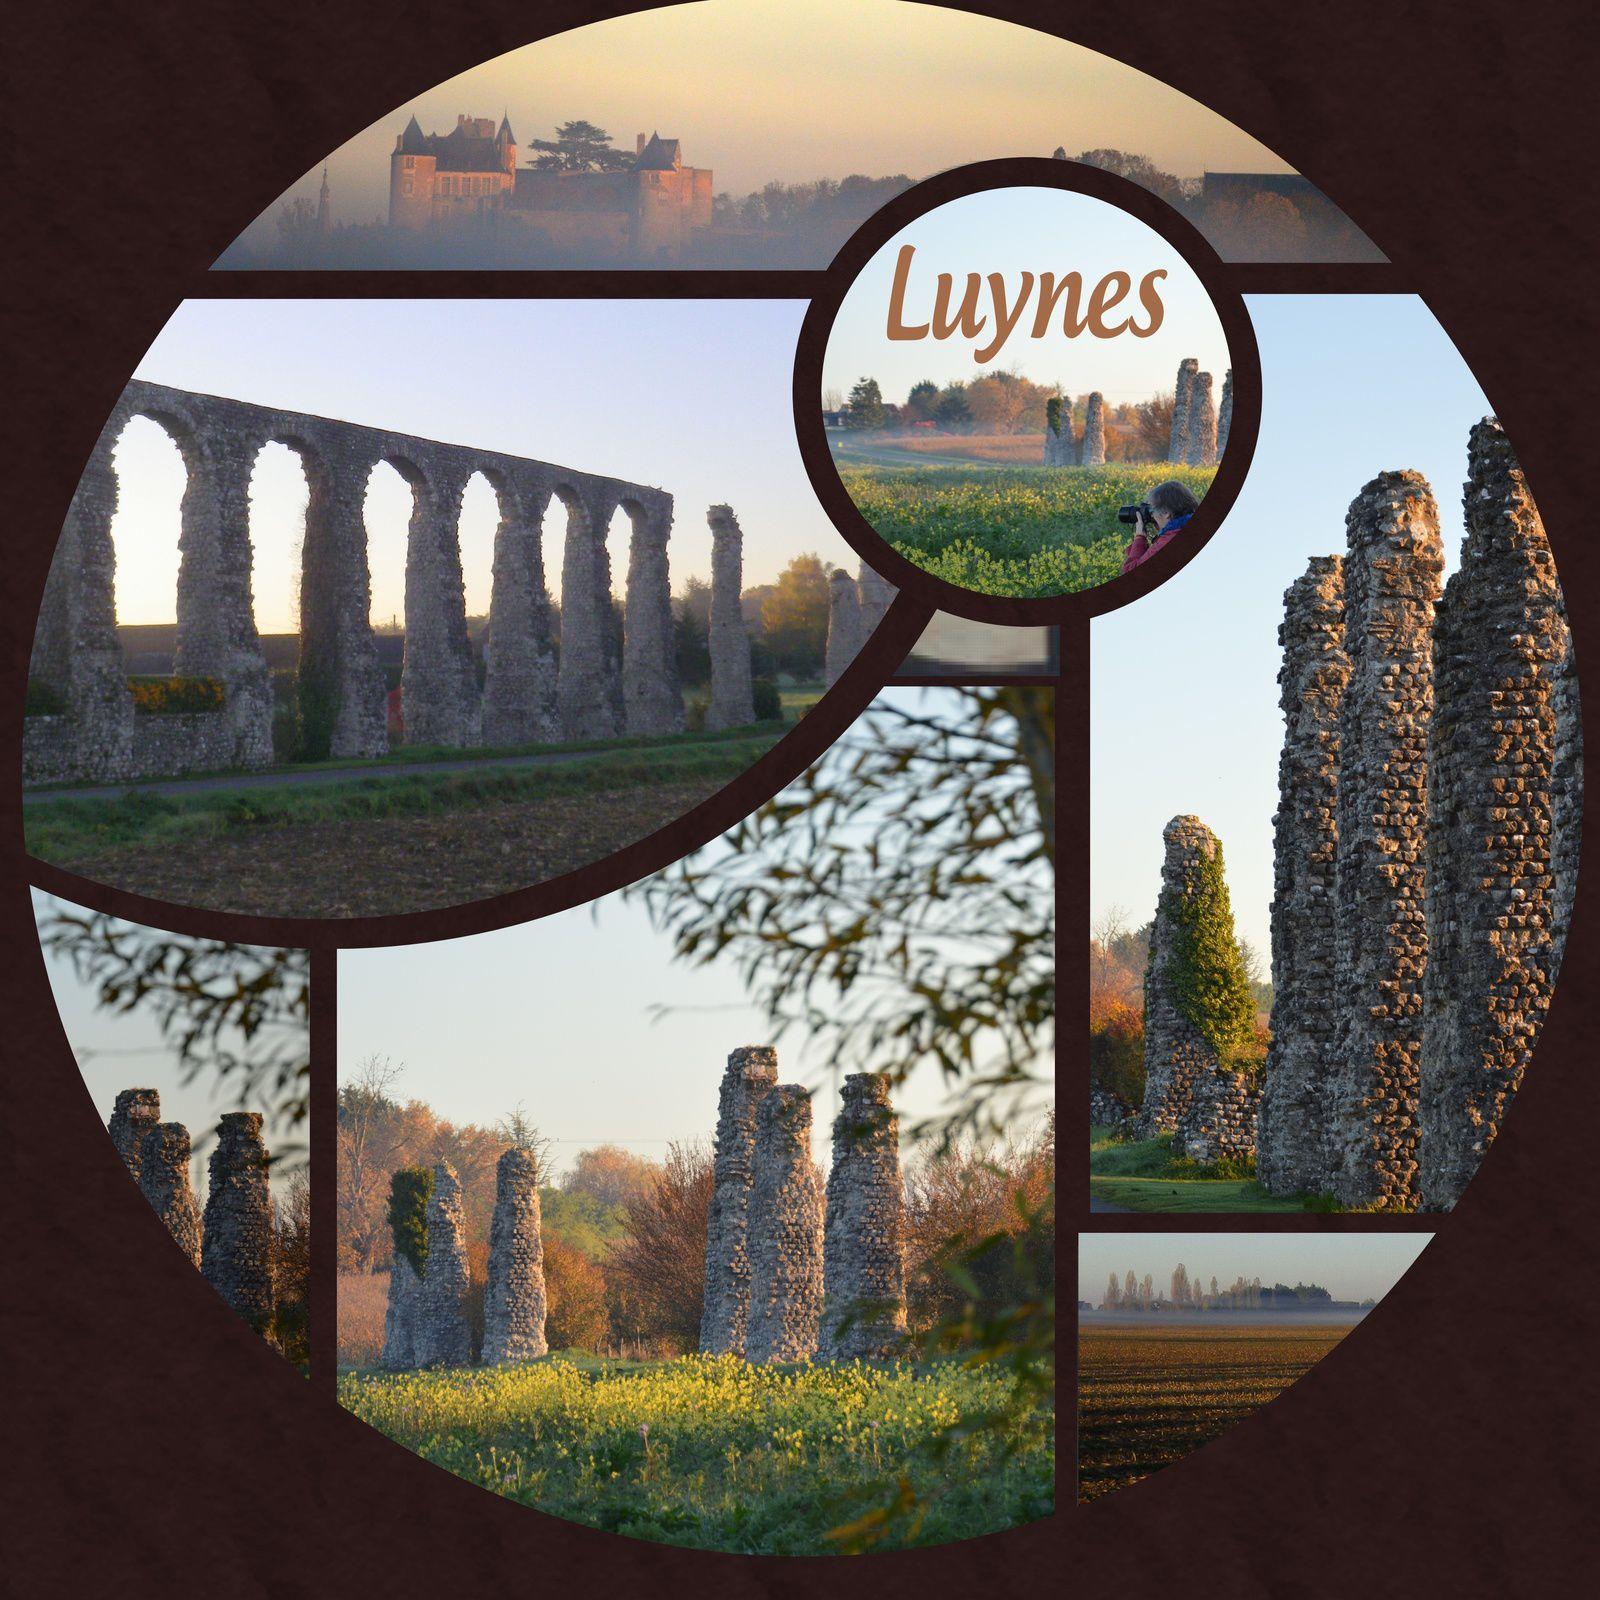 le jour se lève à Luynes